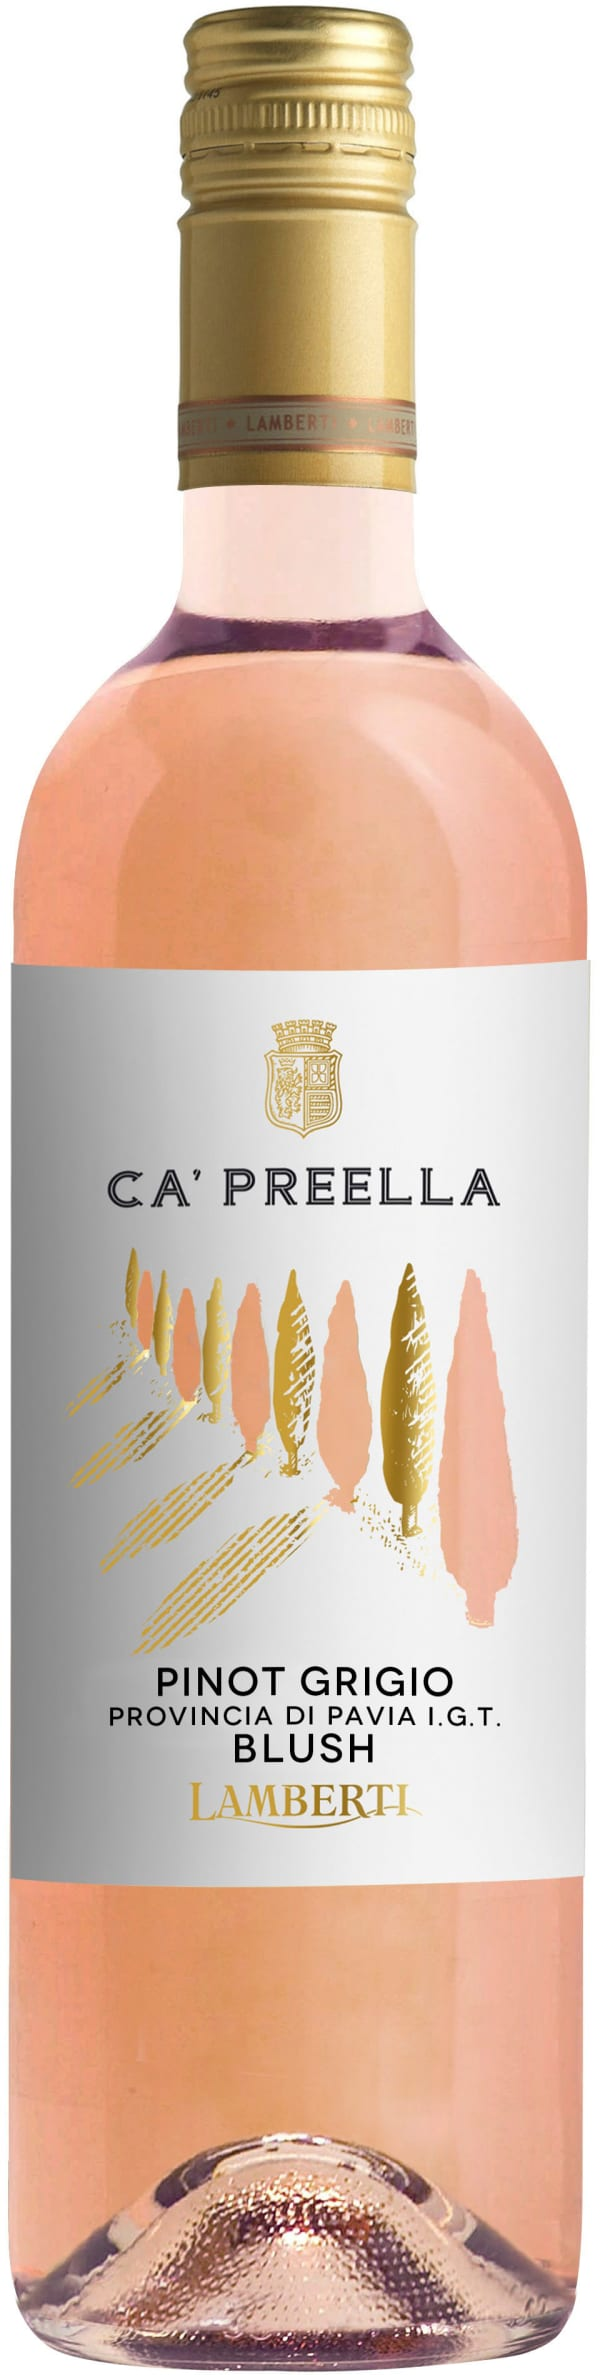 Lamberti Ca' Preella Pinot Grigio Blush 2019